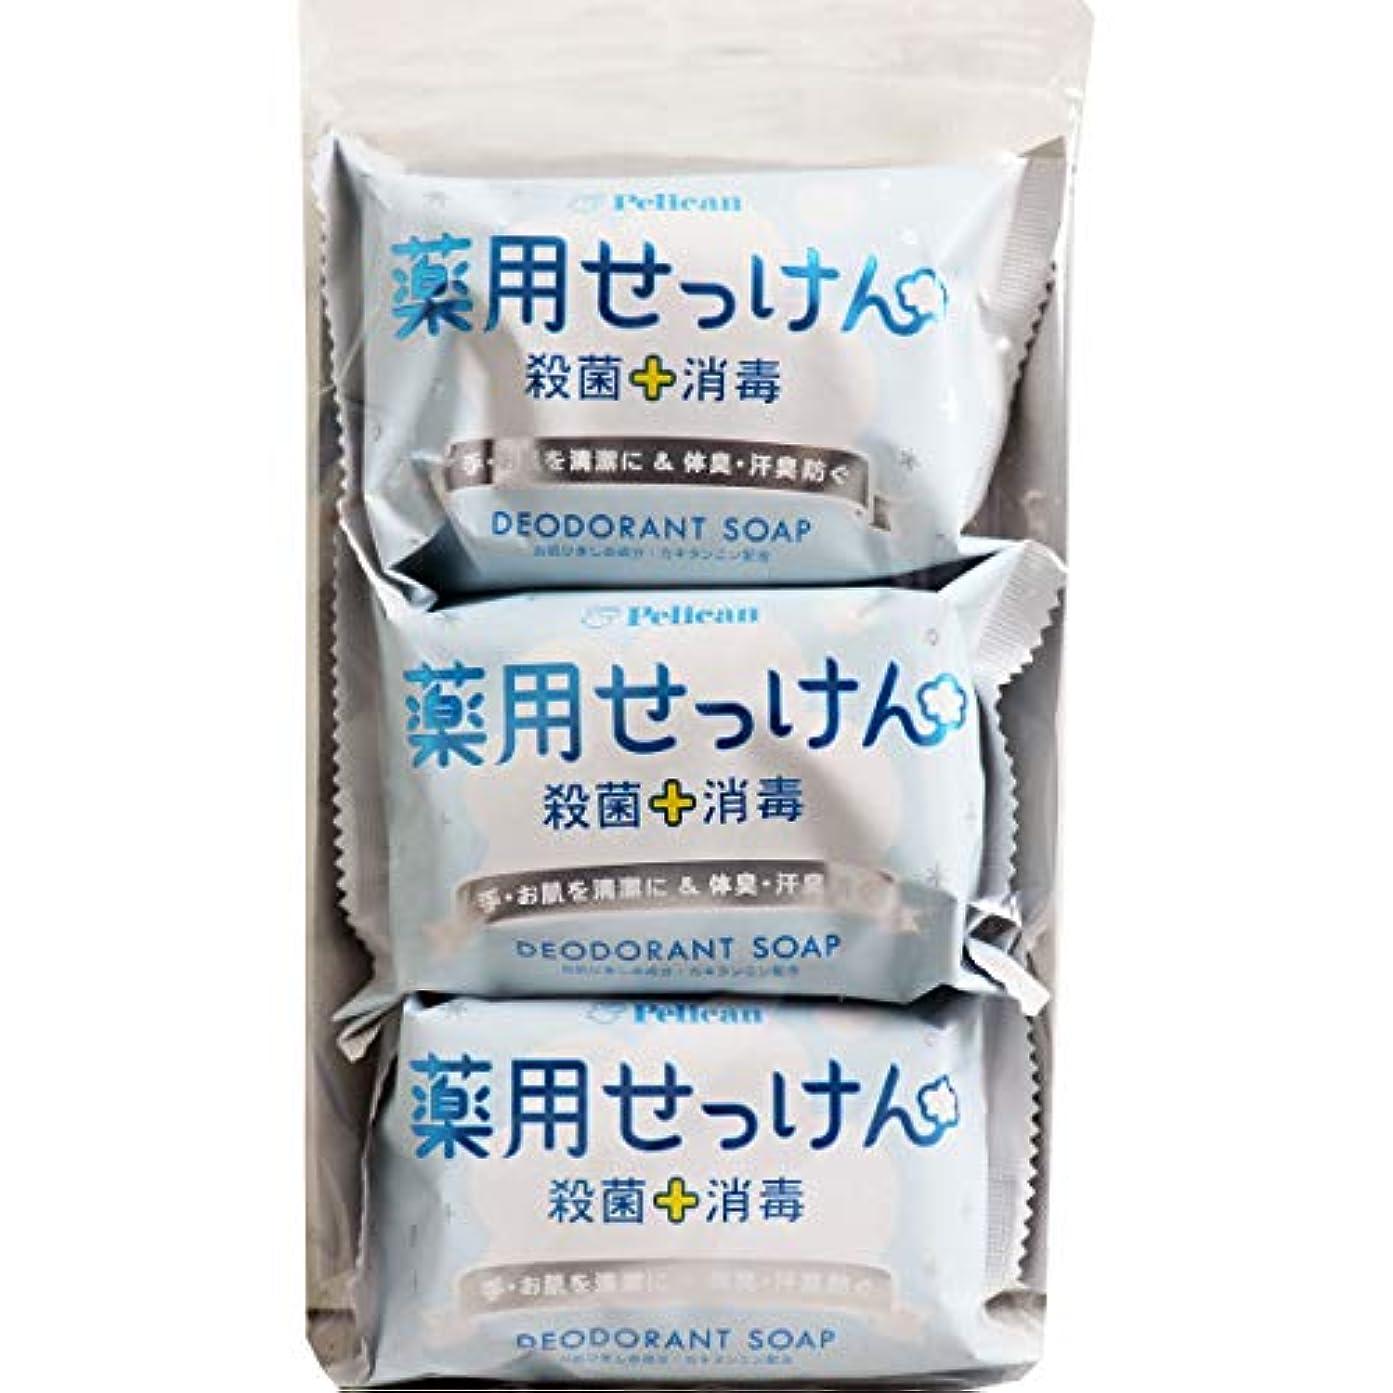 サージ一般的な放射能ペリカン石鹸 薬用石けん 85g×3個×4パック